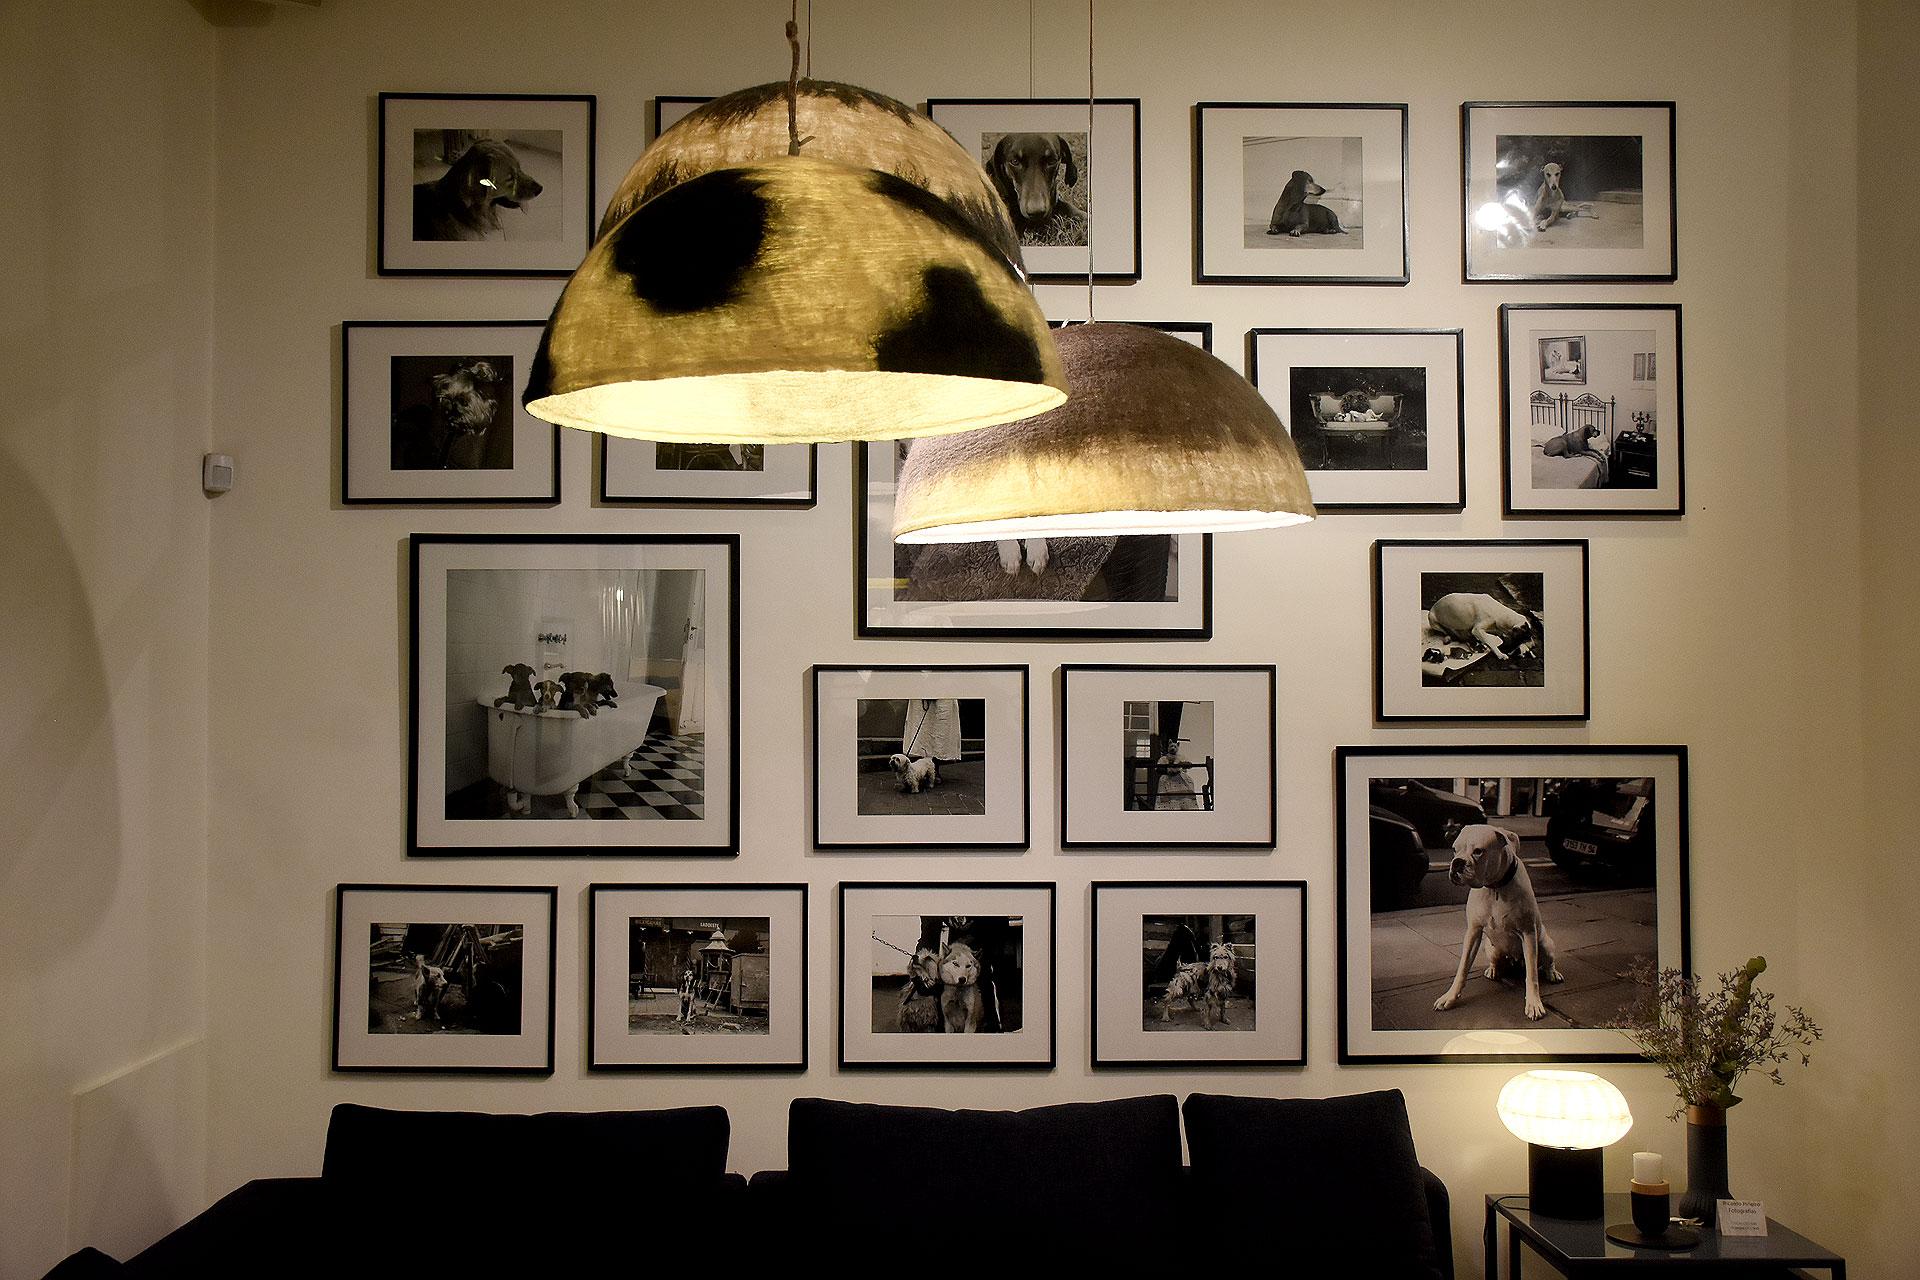 La exhibición es el retrato espontáneo de sus fieles compañeros a lo largo de los años: sus adorados perros